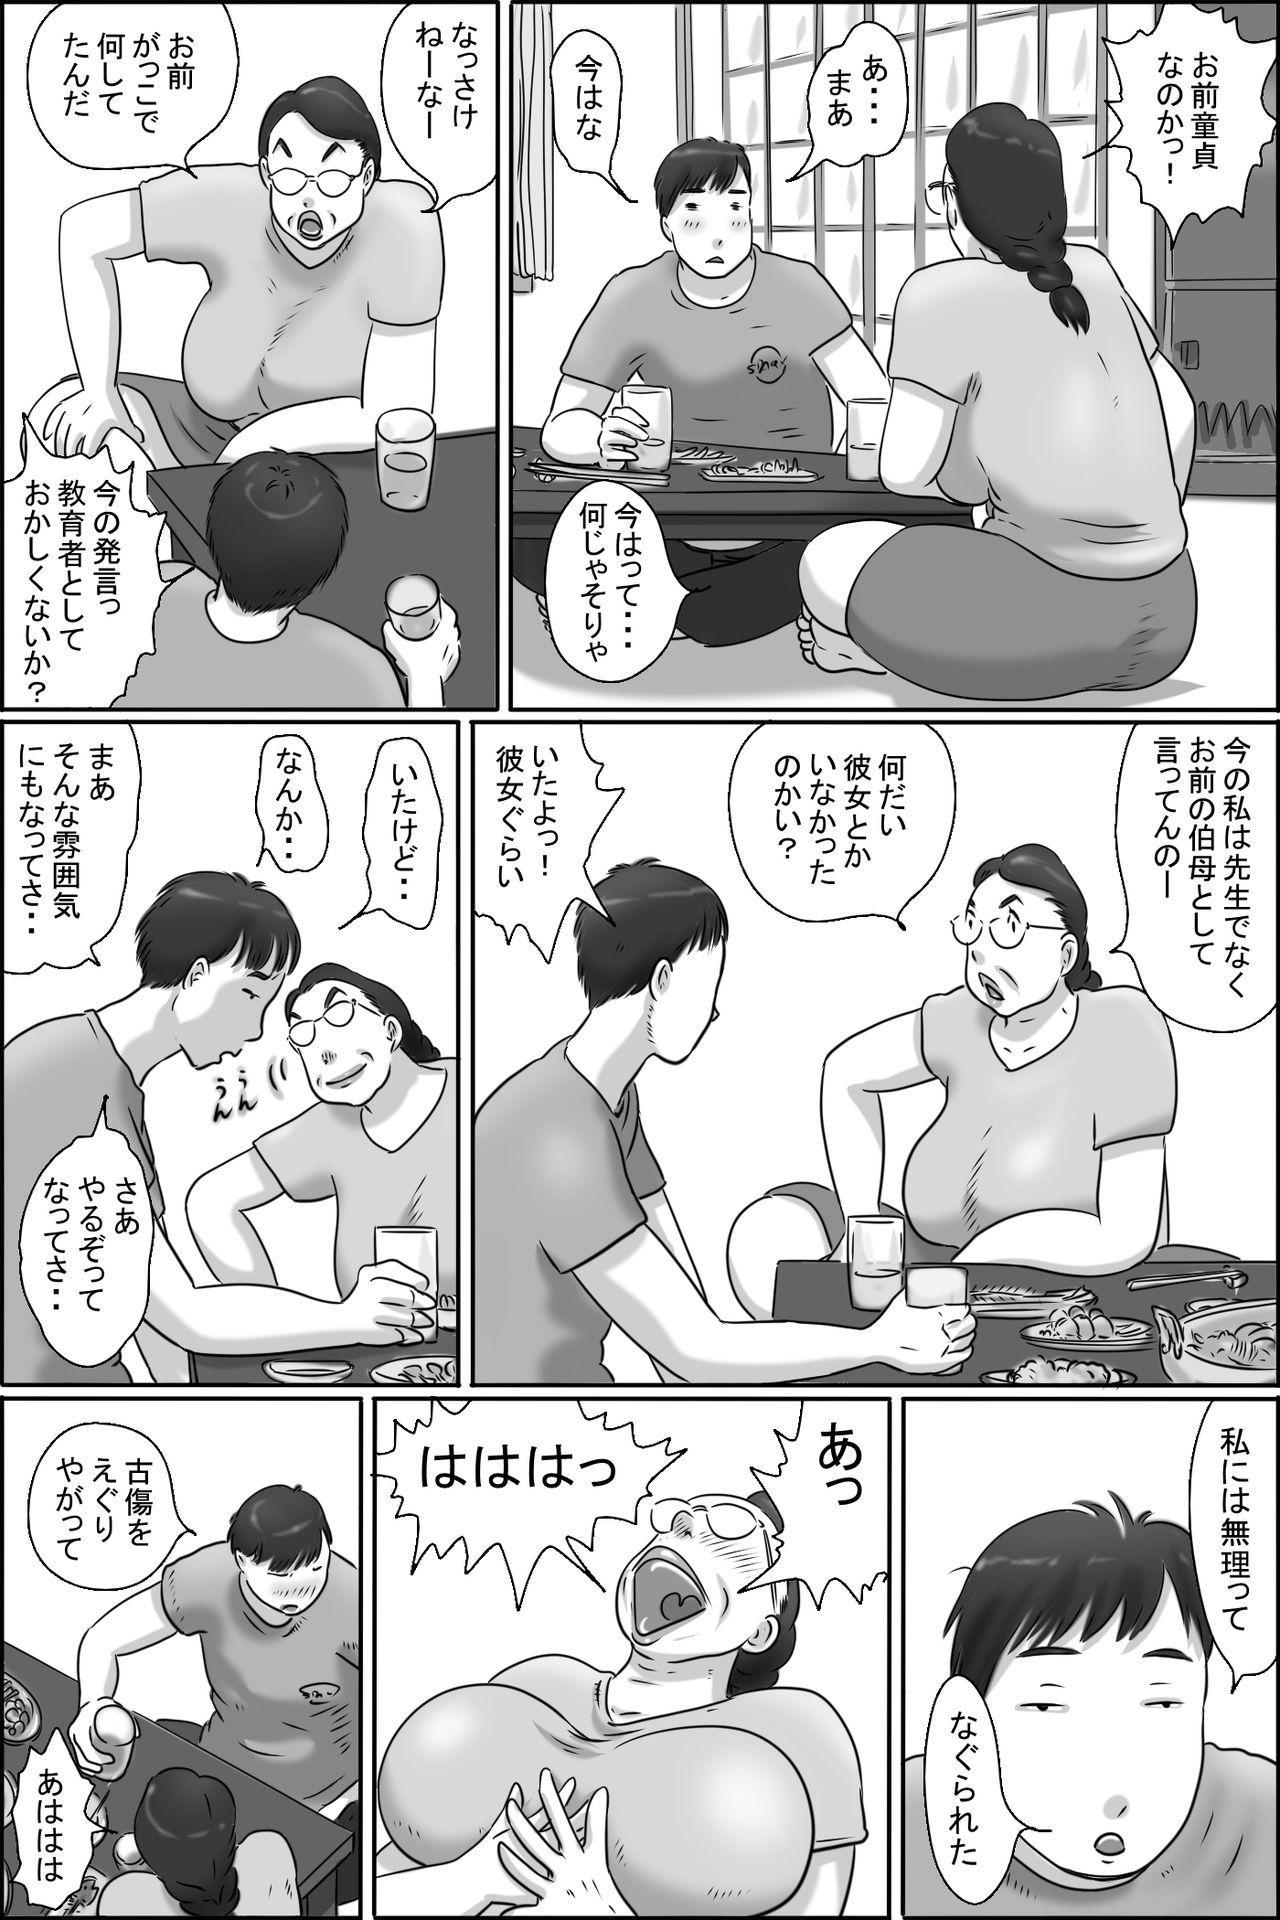 Aunty of Shimura 8